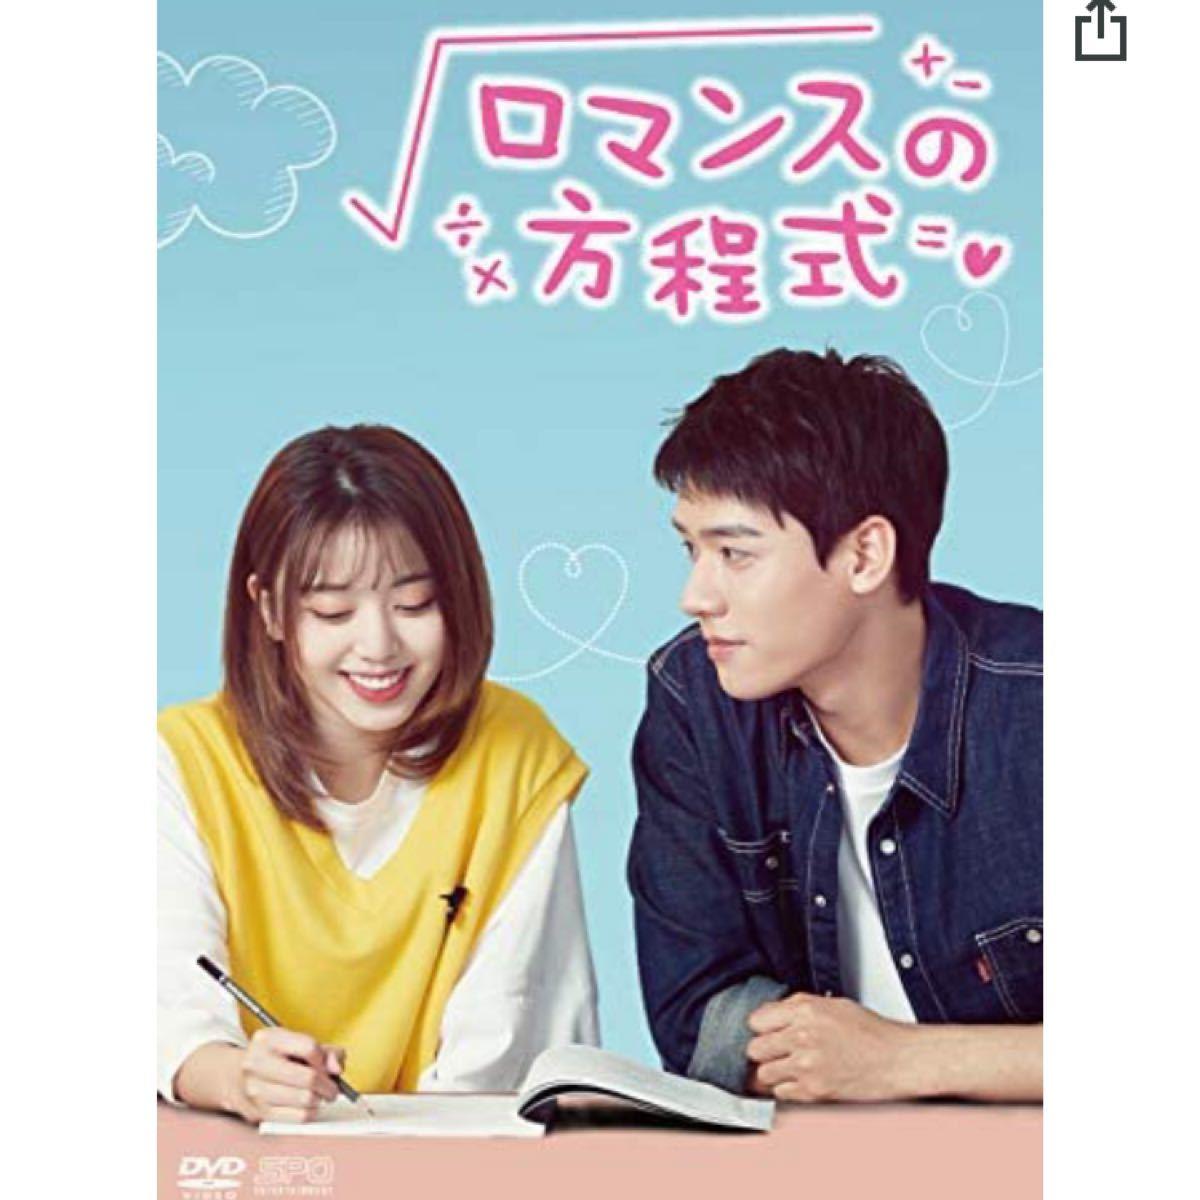 中国ドラマ ロマンスの方程式 Blu-ray